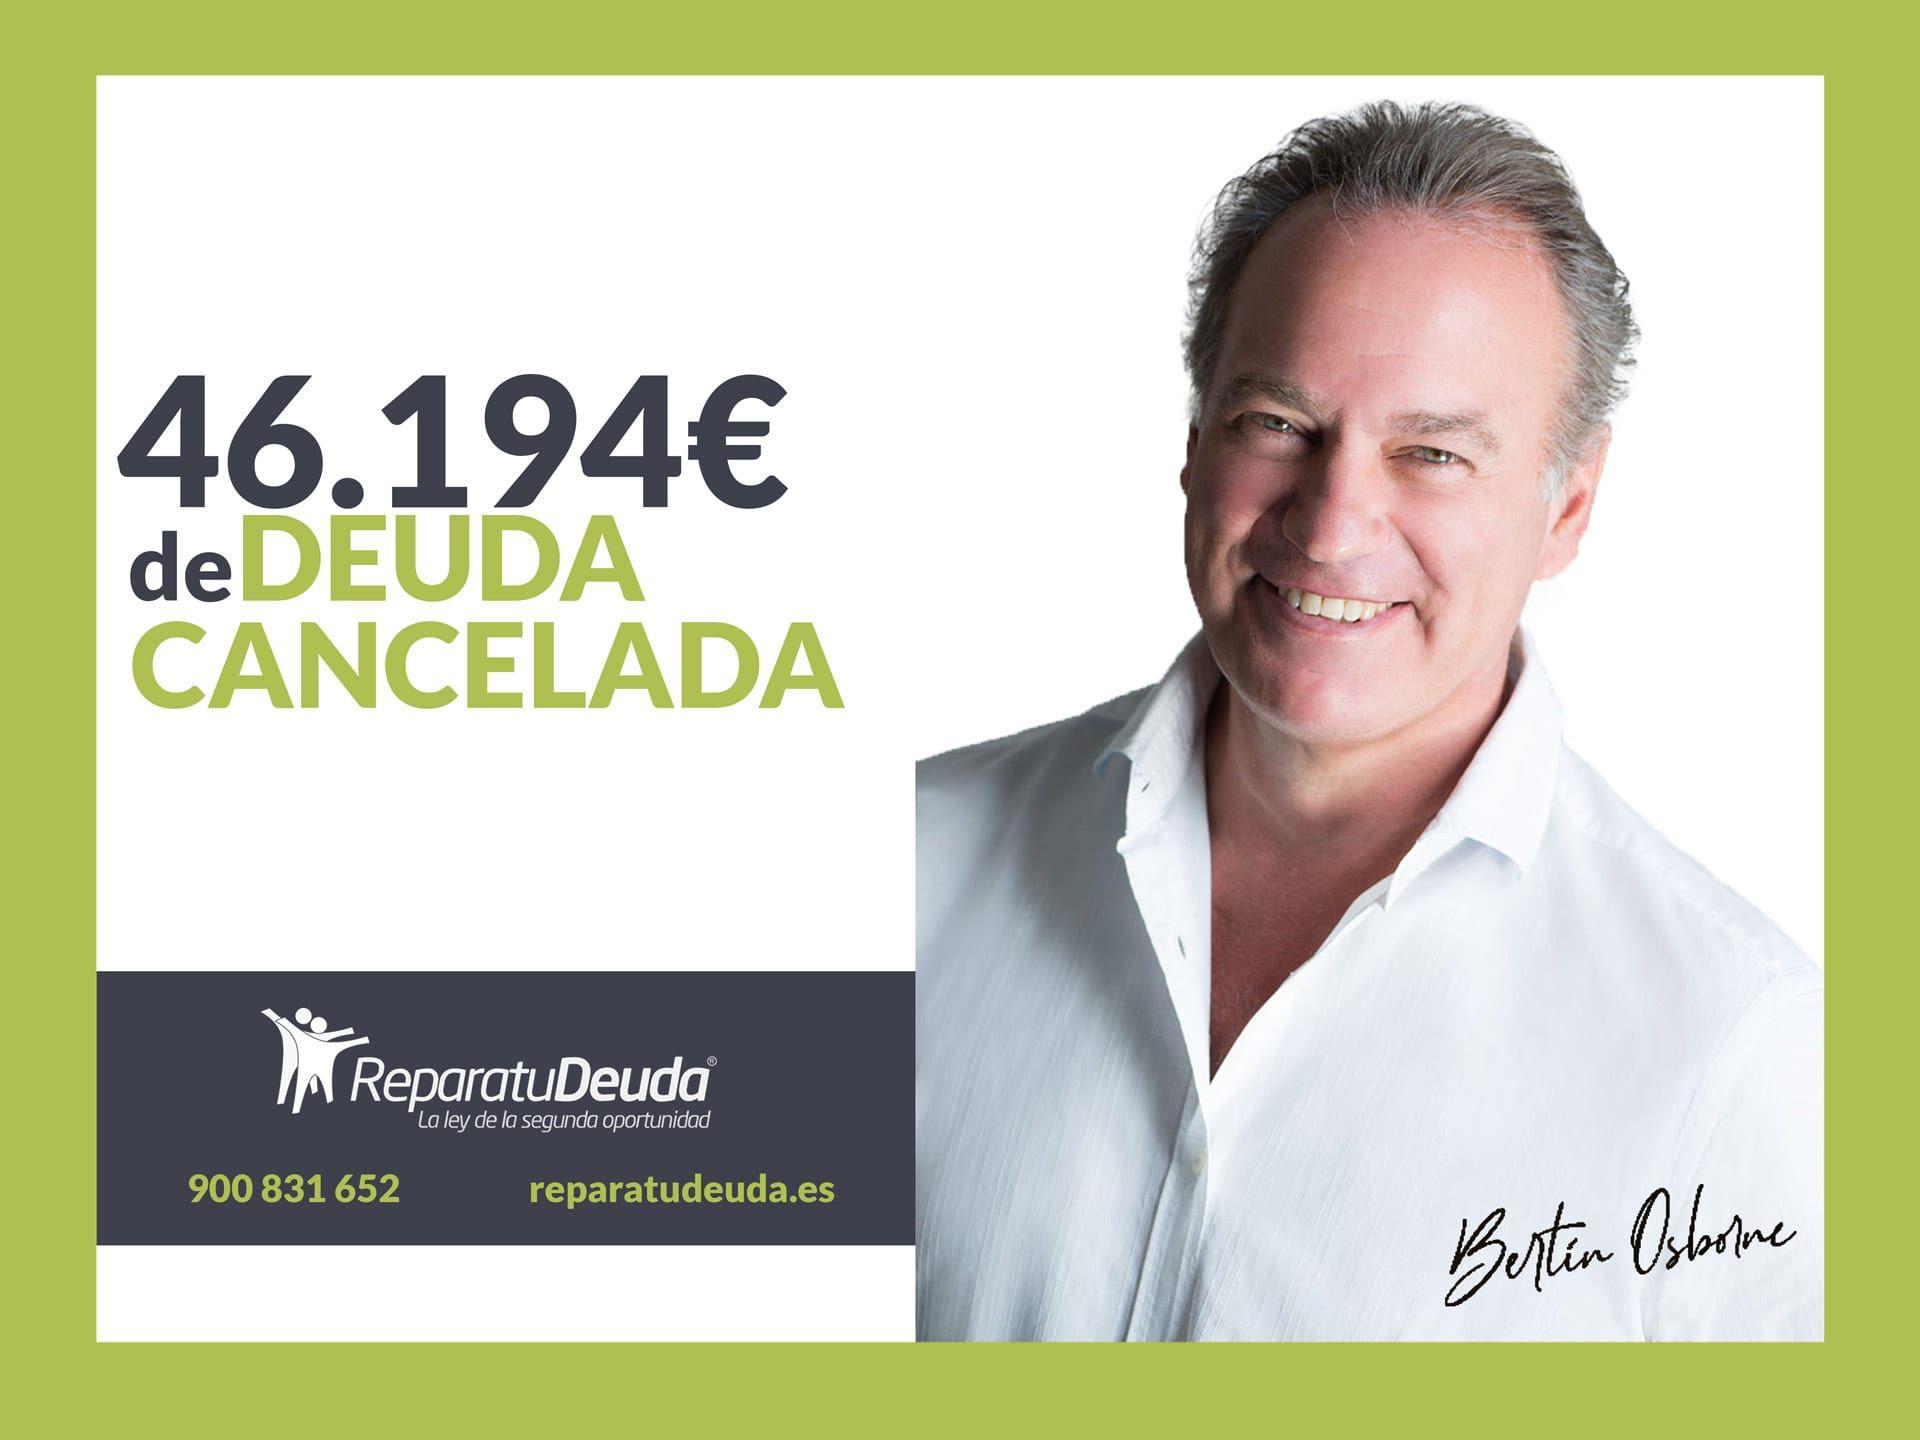 Repara tu Deuda Abogados cancela 46.194 ? en Terrassa (Barcelona) con la Ley de Segunda Oportunidad